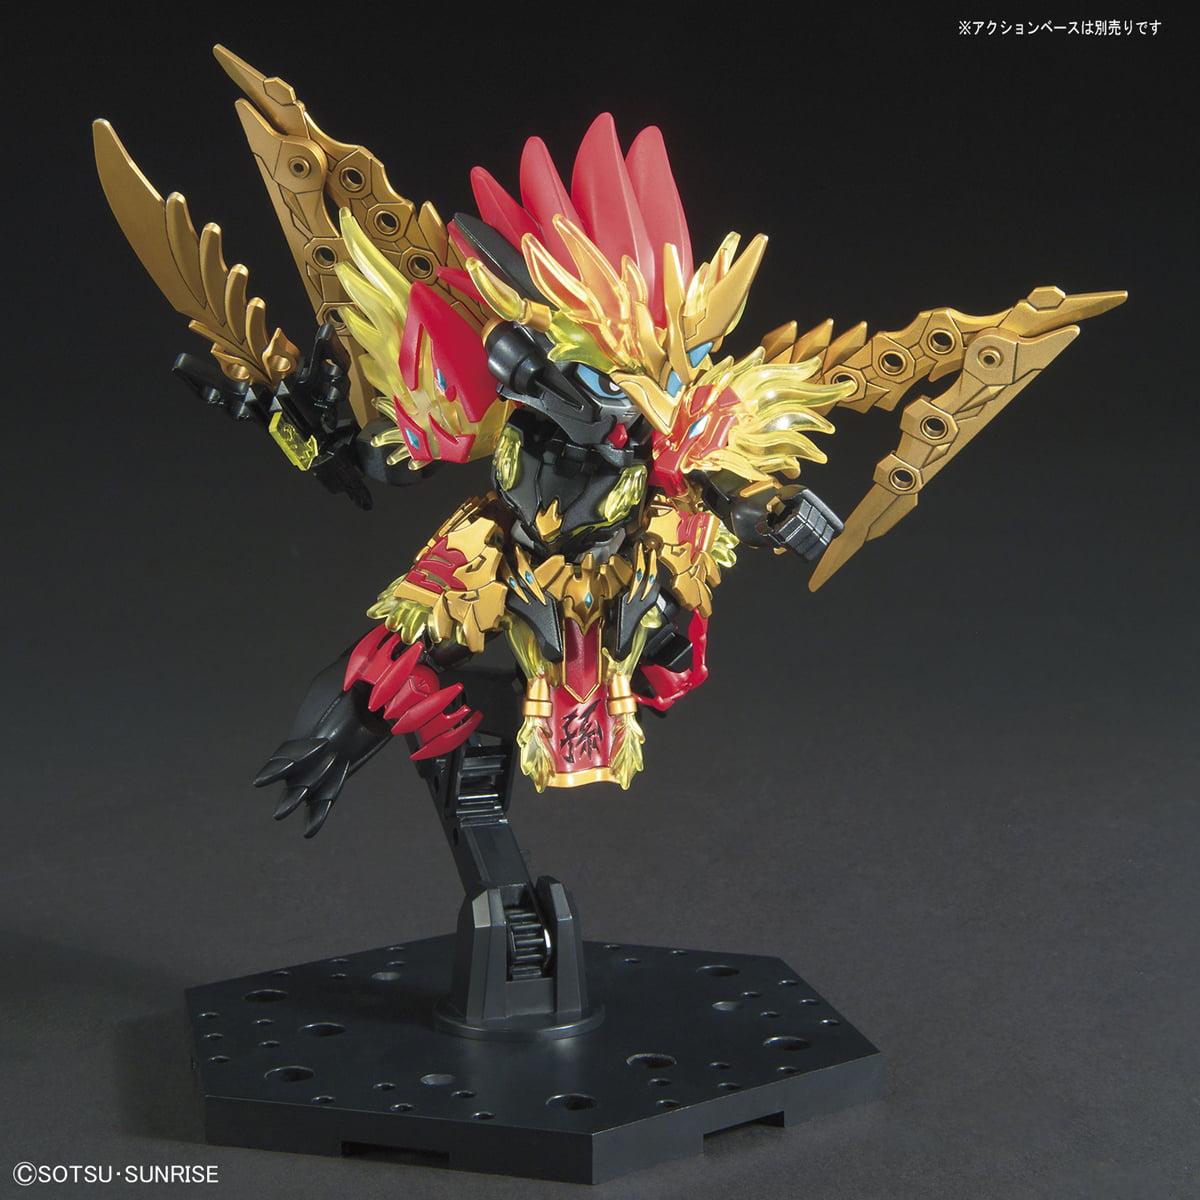 El KI65305 SD Sangoku Sokets Sun Jian Gundam Astray